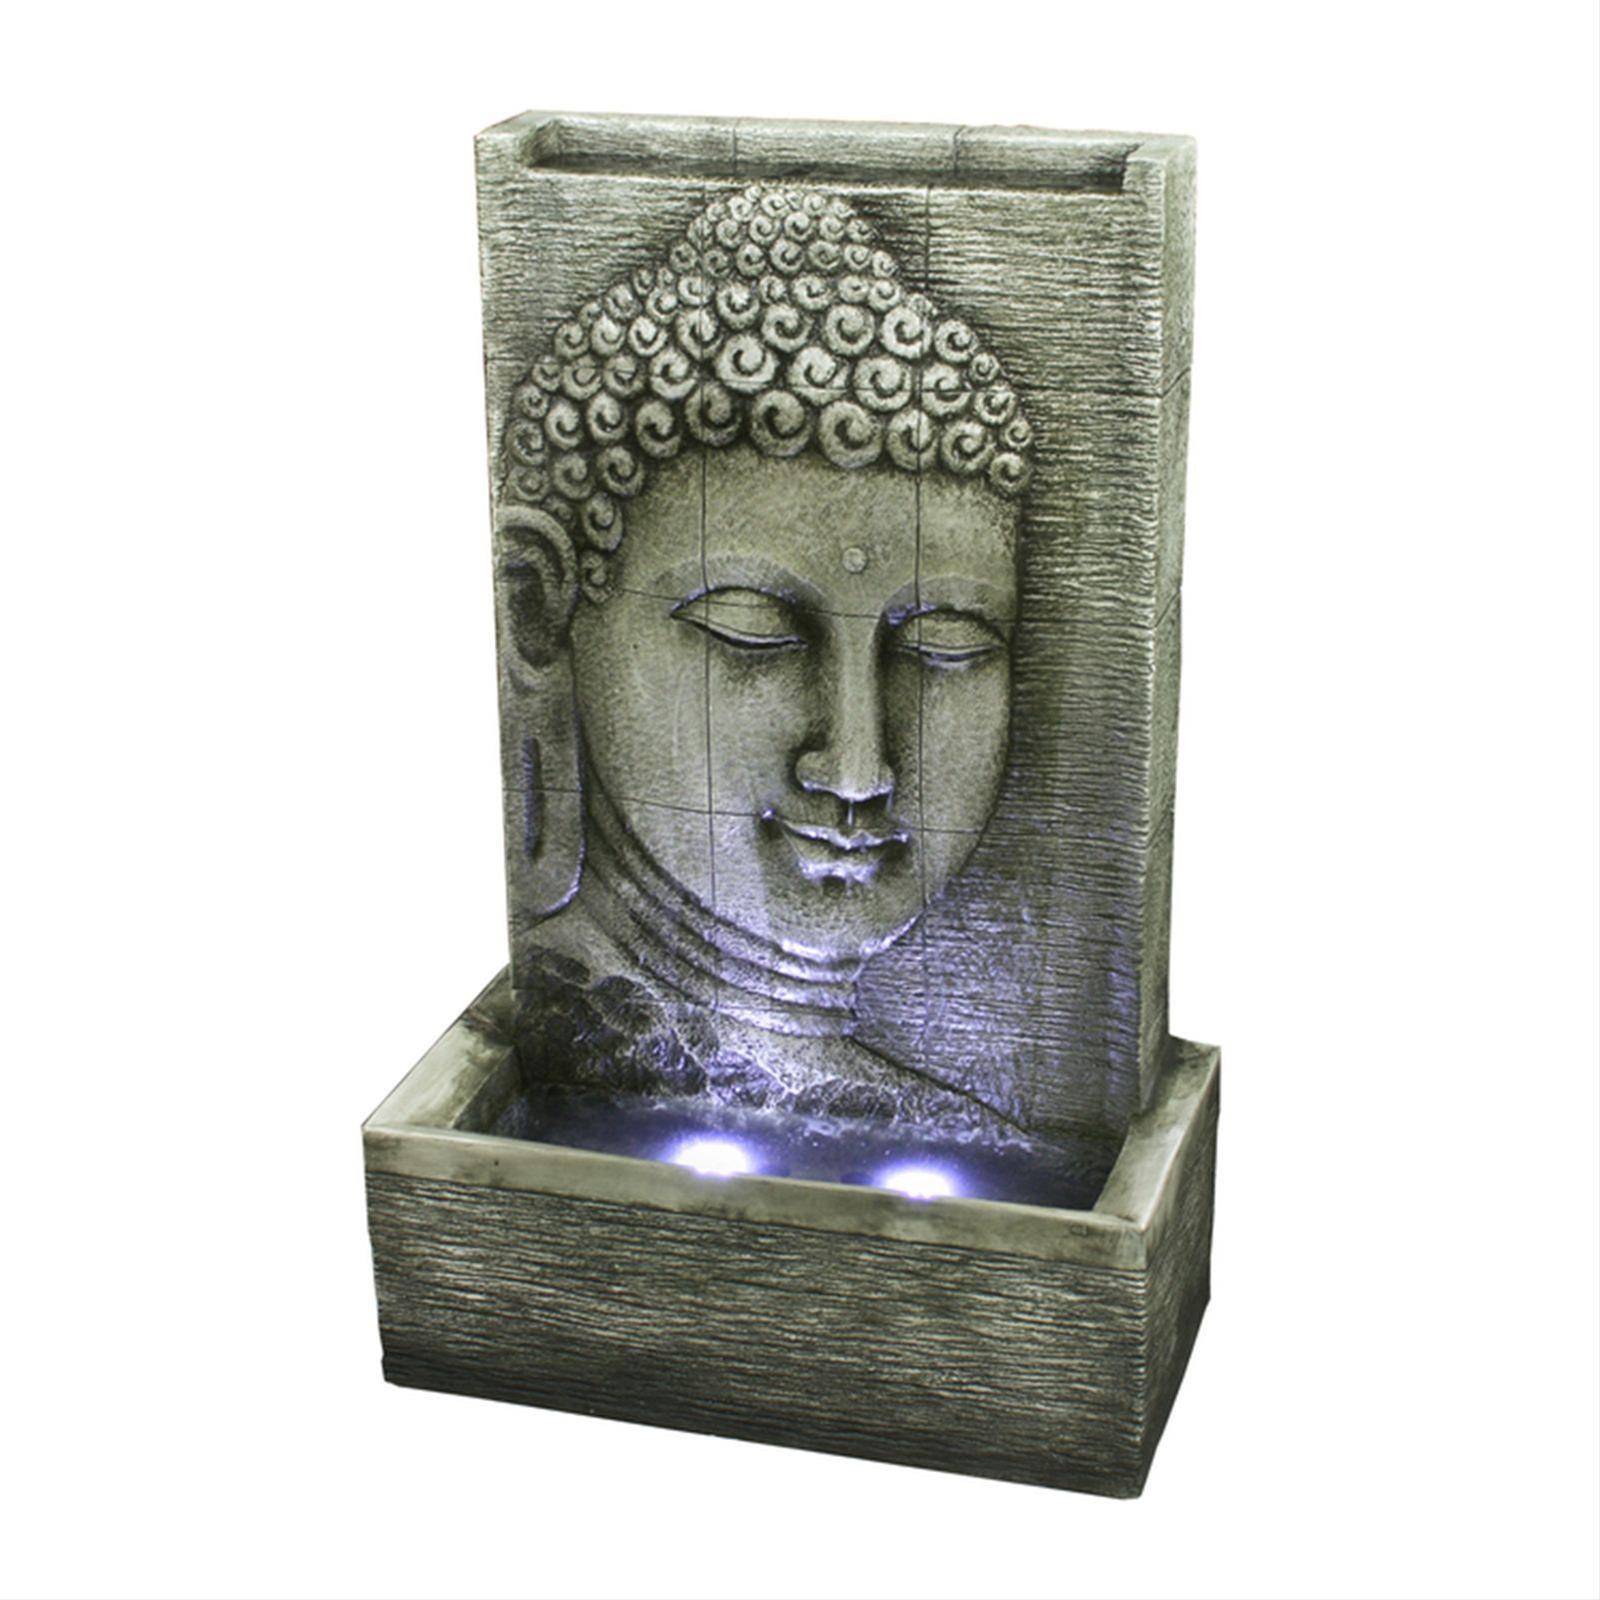 Gartenbrunnen / Wasserspiel / Zimmerbrunnen GardenForma Buddha Serenit Bild 1